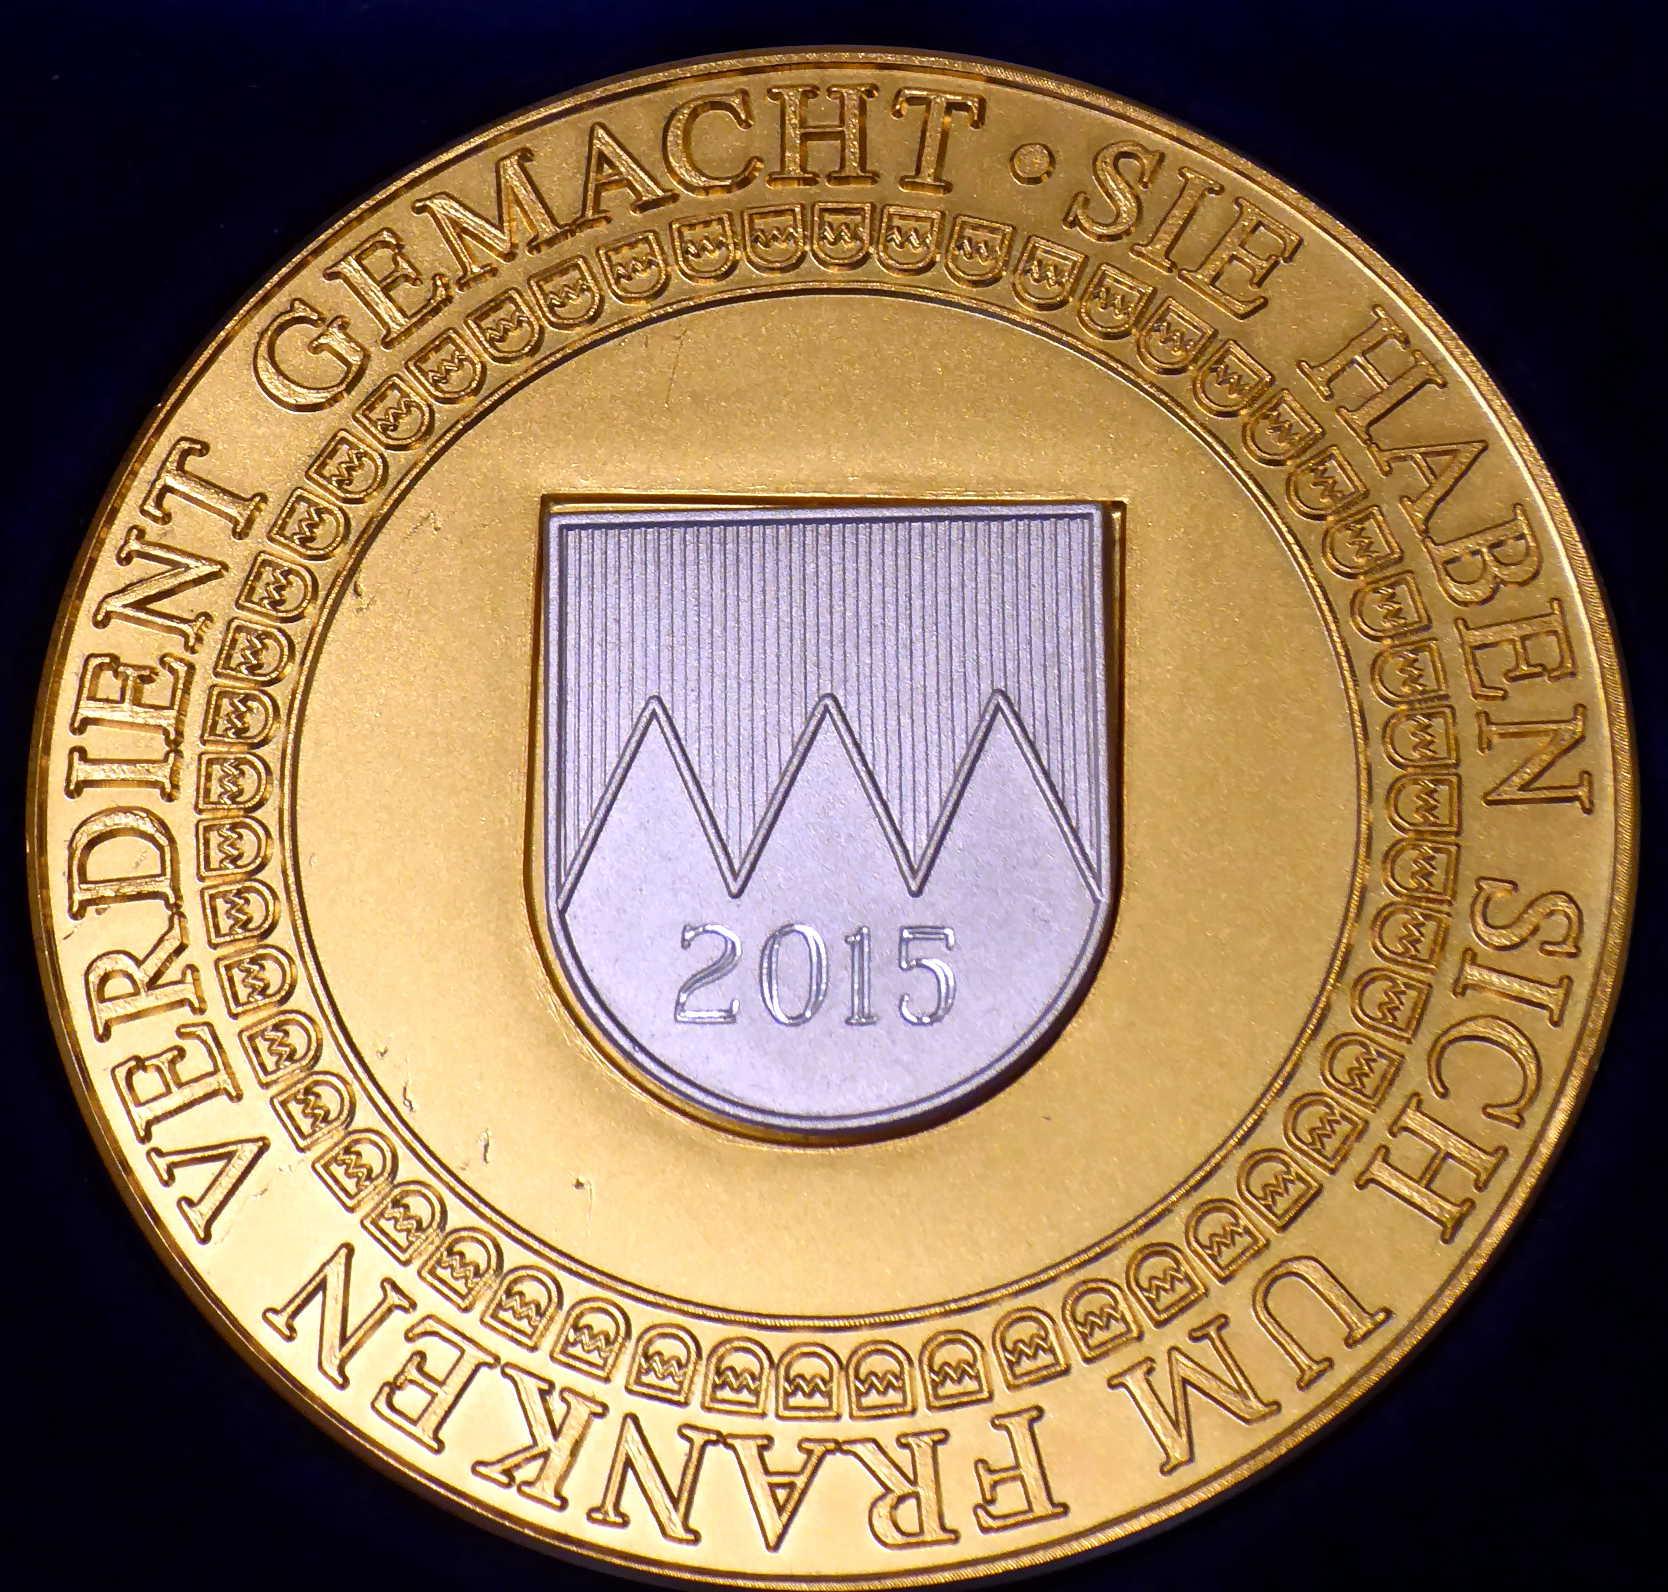 2015 10 Frankenmedaille Foto P.Purrucker